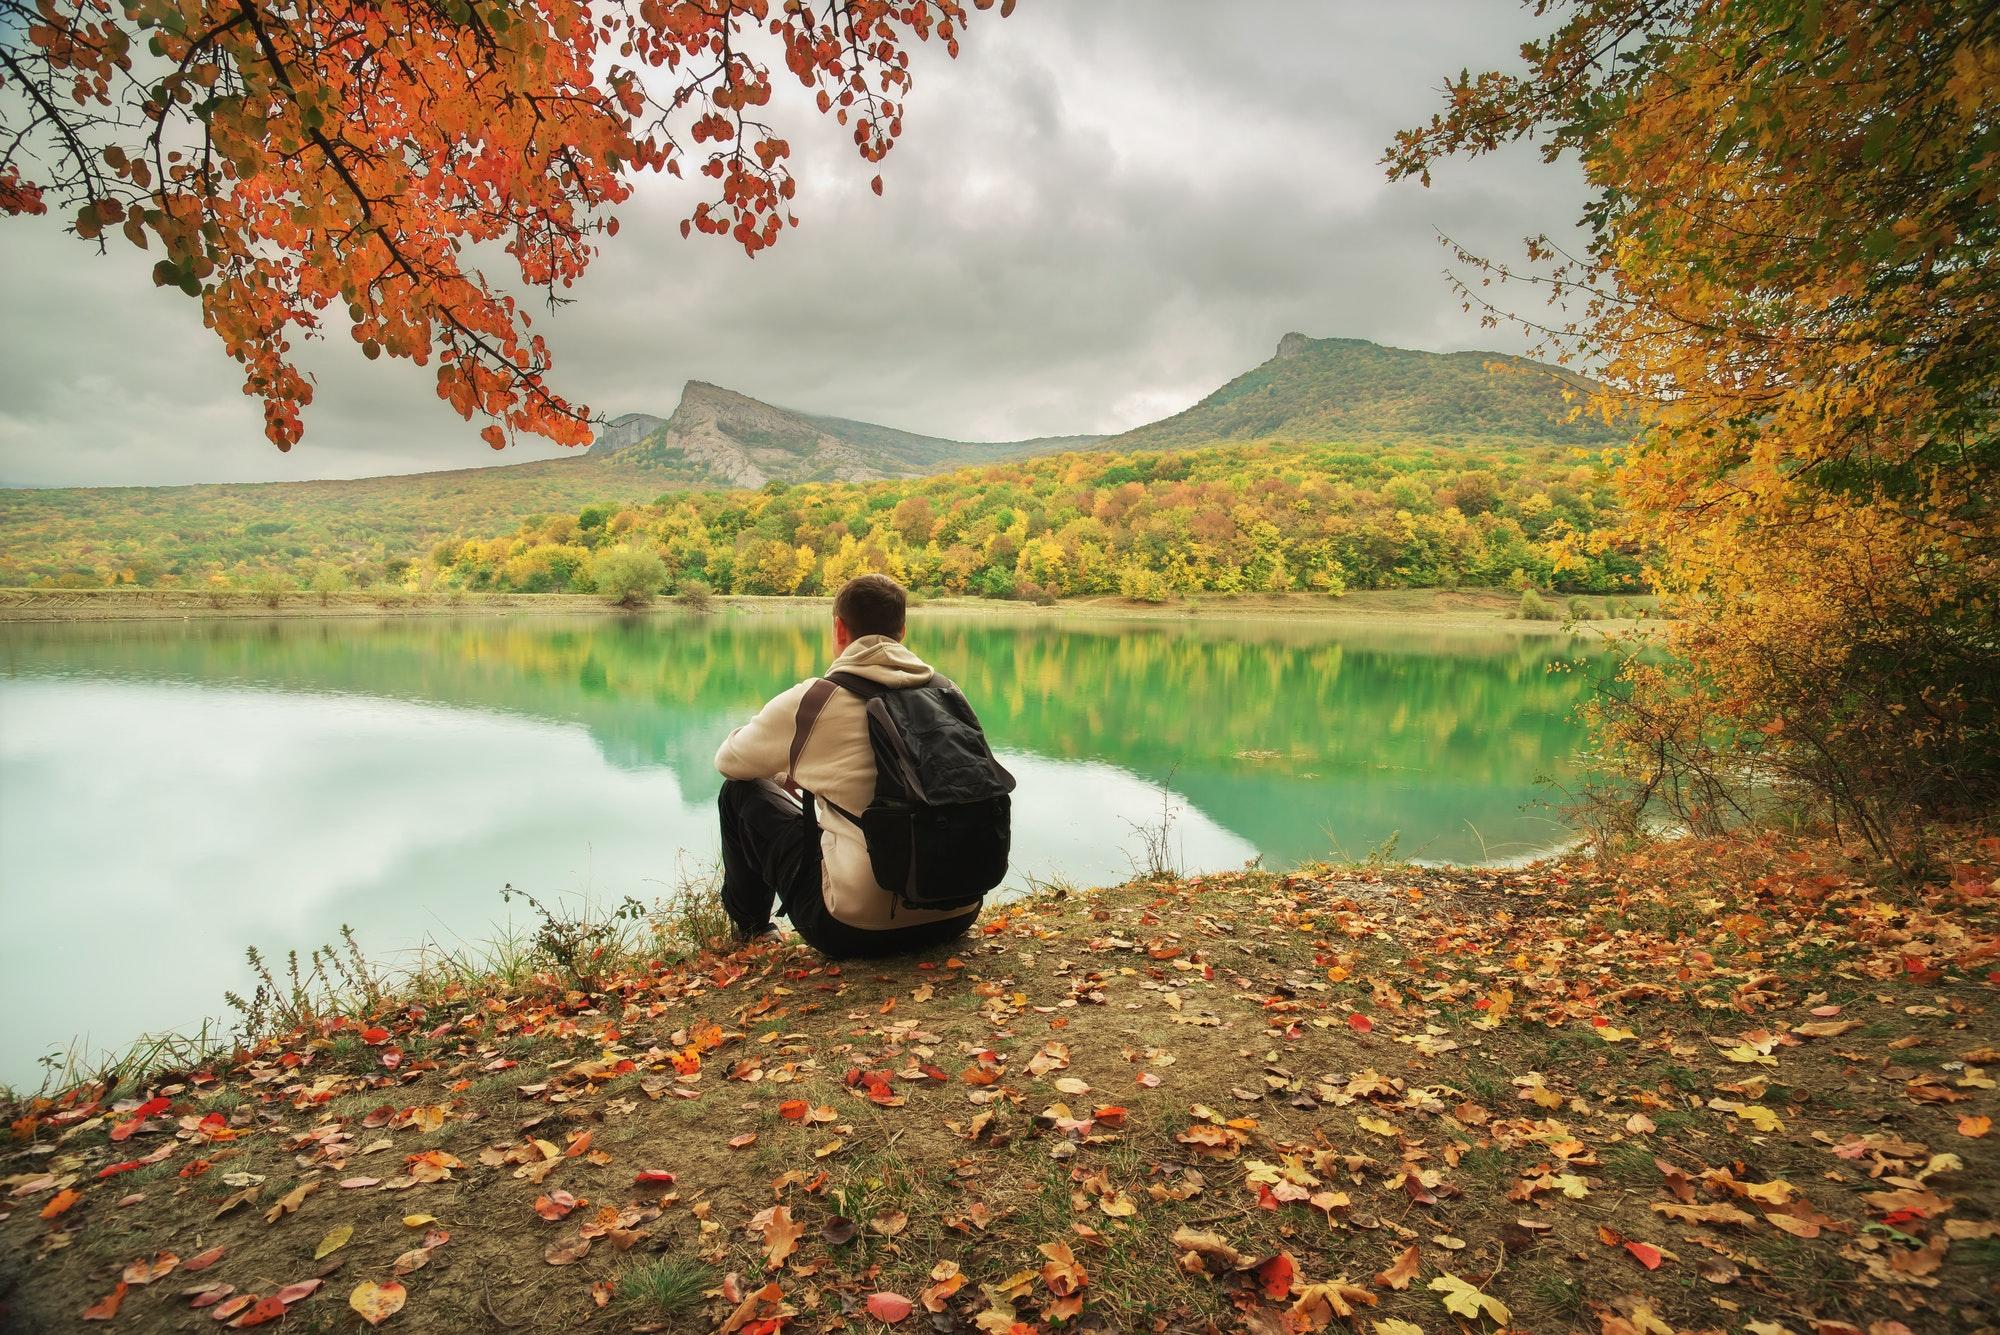 homme assis seul au bord d'un lac